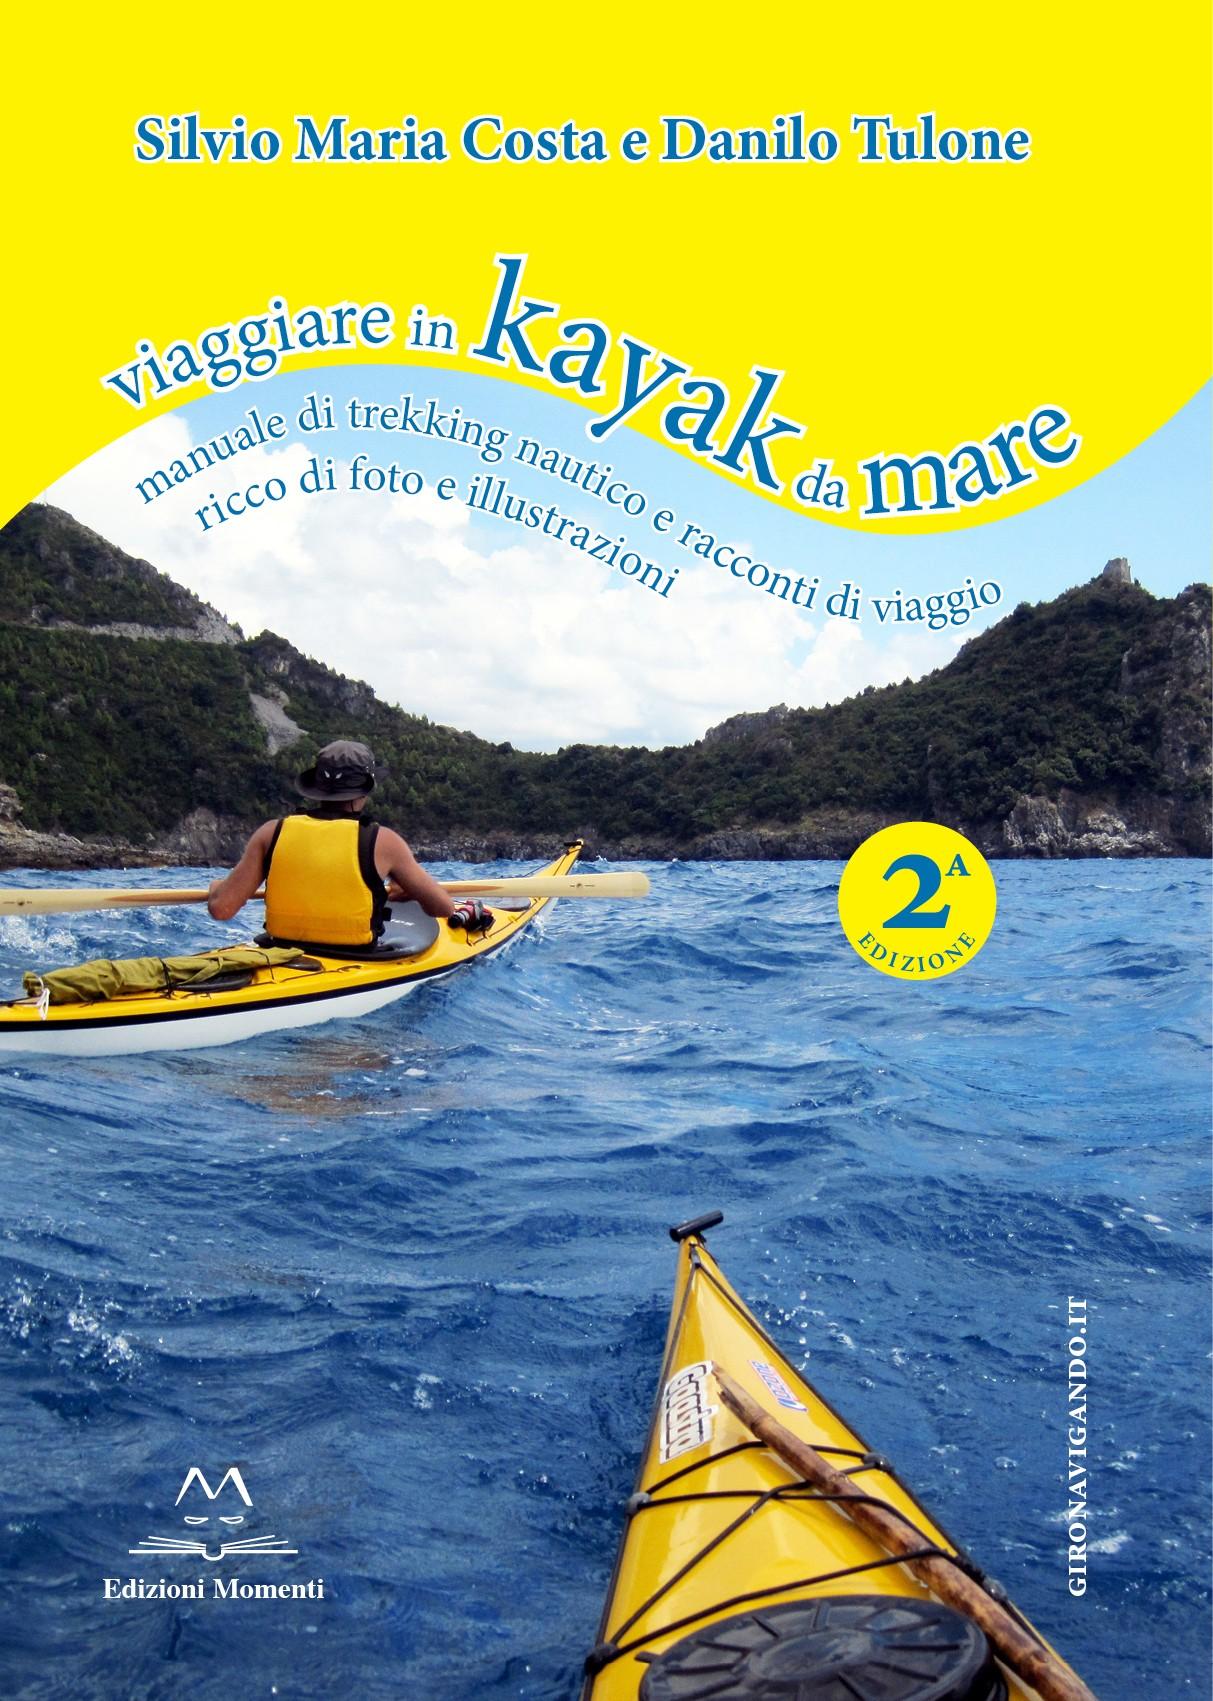 Viaggiare in Kayak da mare 2 di Danilo Tulone e Silvio Costa